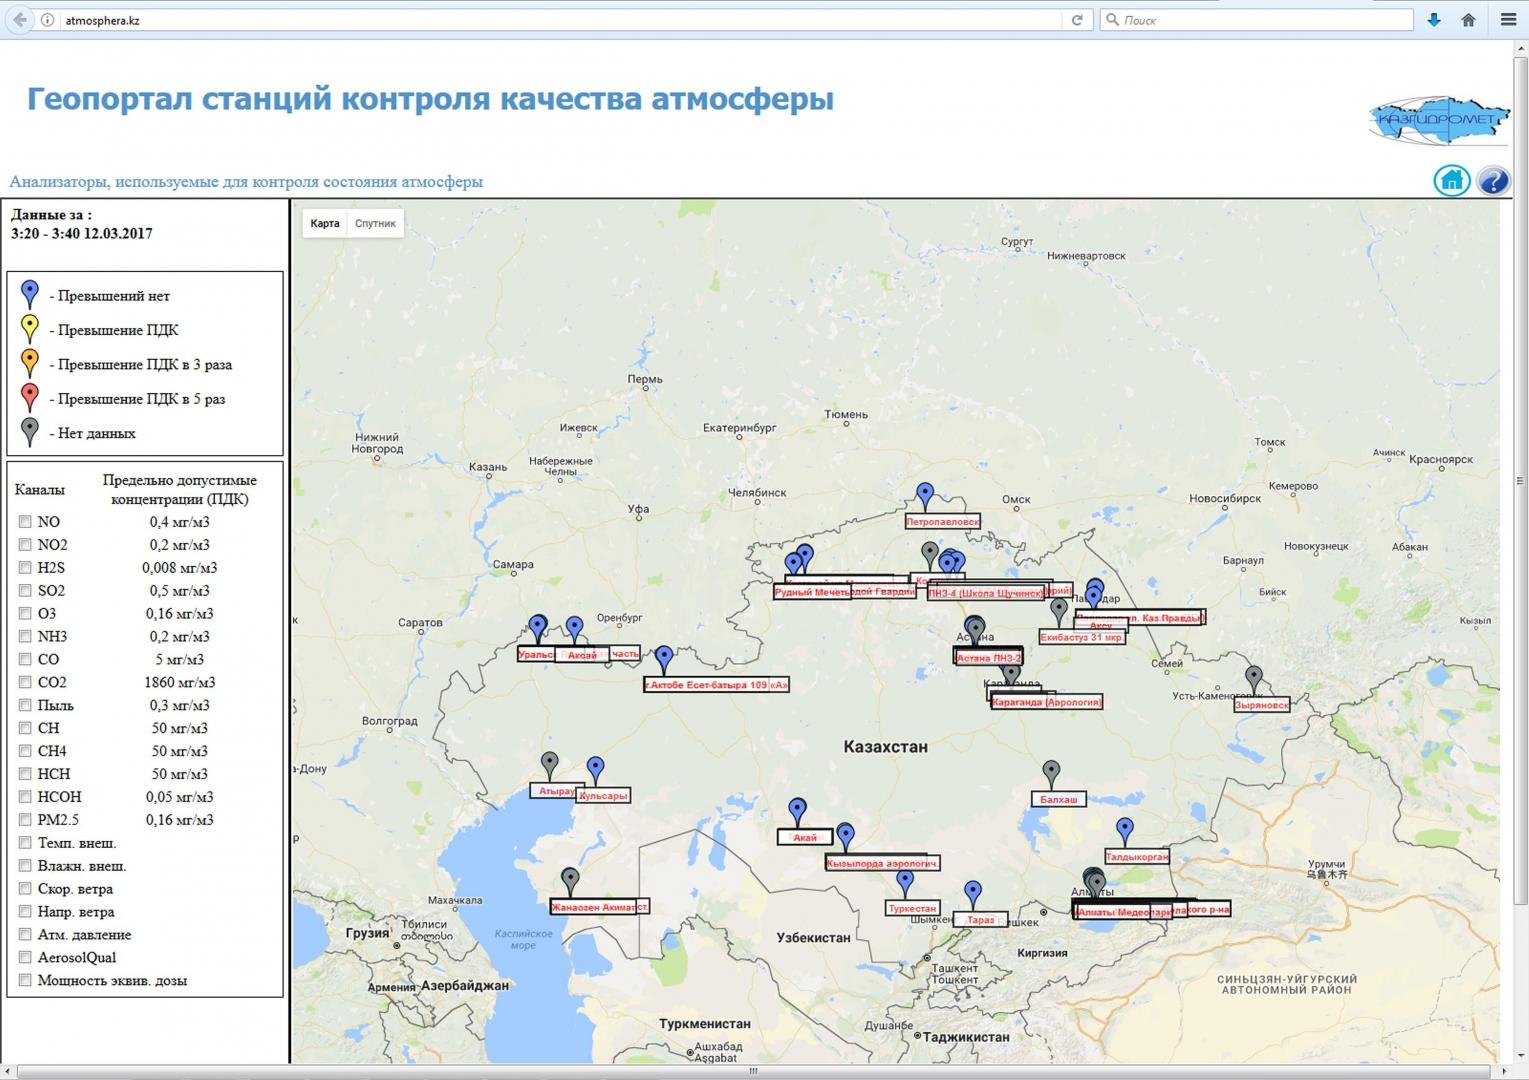 Рис. 1. Геопортал контроля качества атмосферы Республики Казахстан